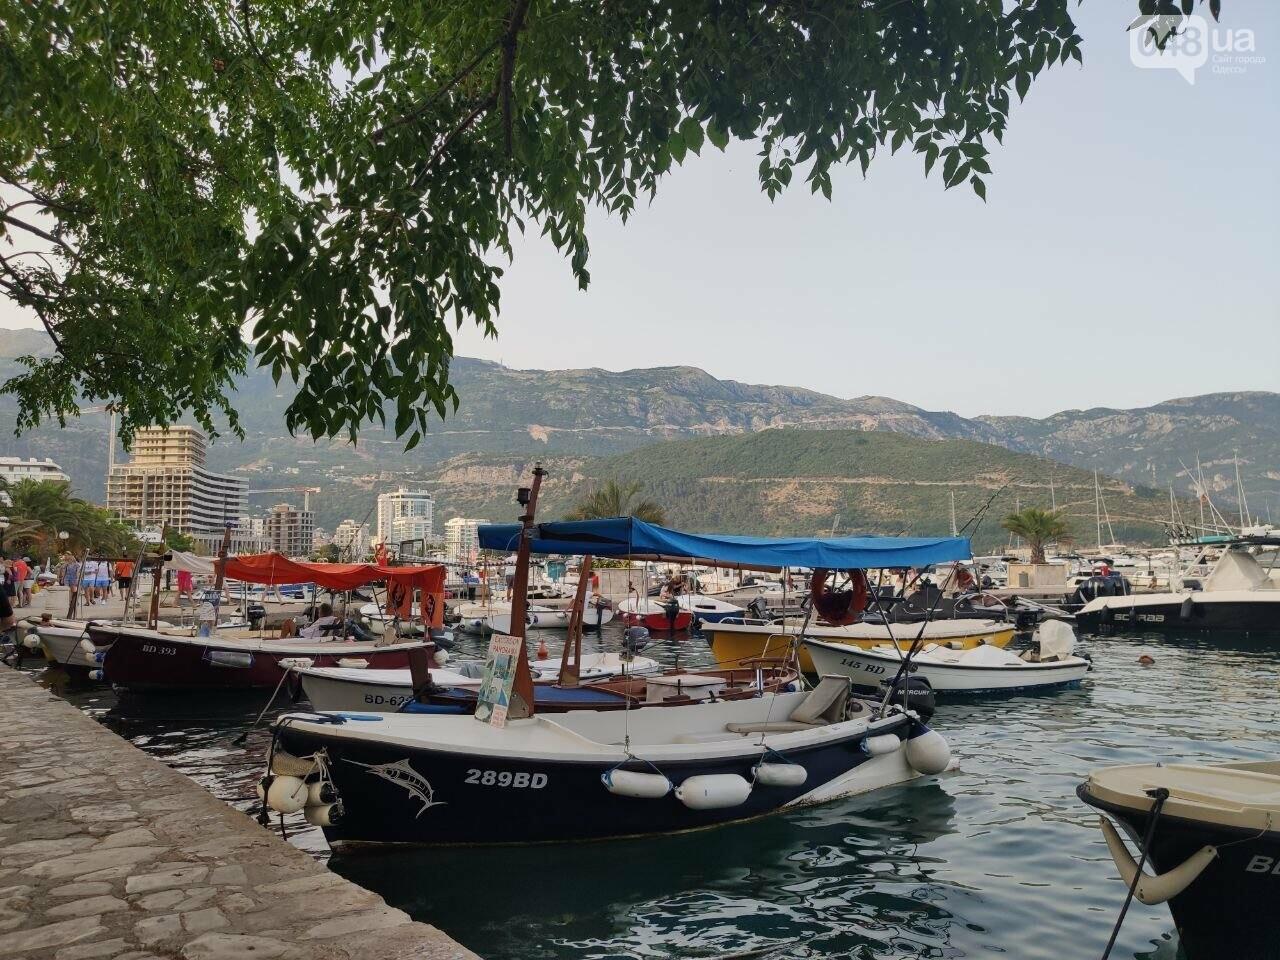 Из Одессы в Черногорию: как бюджетно отдохнуть в горах у моря, - ФОТО, фото-25